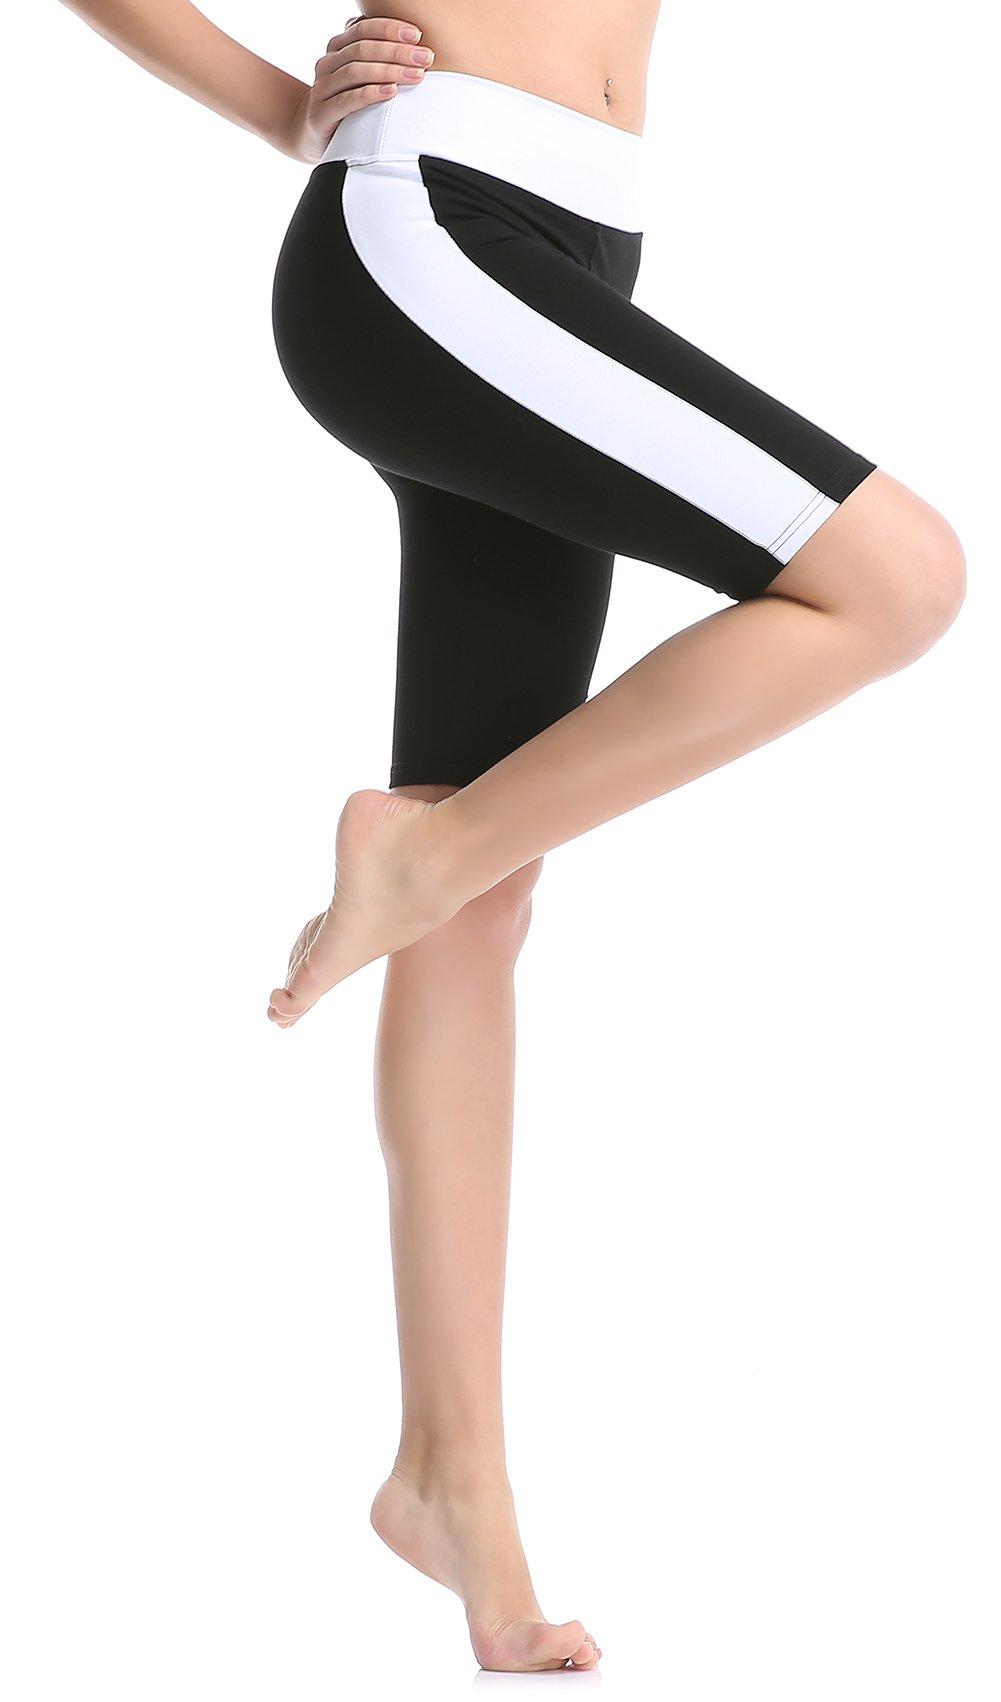 ABUSA Women's Cotton Workout Bike Yoga Shorts - Tummy Control S White by ABUSA